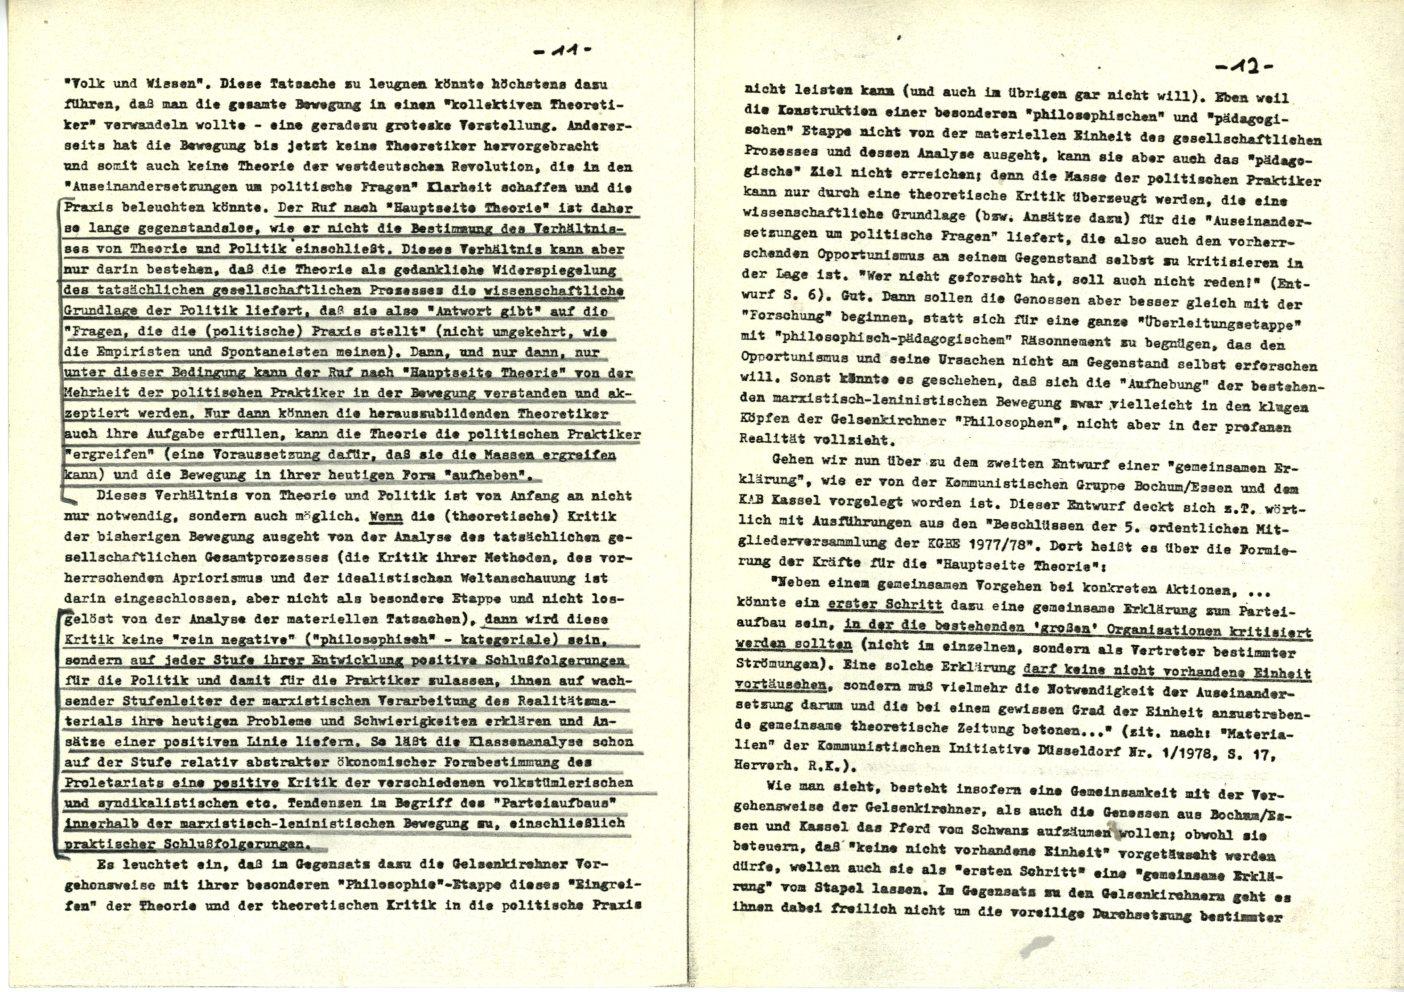 Nuernberg_Fuerth_Erlangen_ML_Diskussionsbeitraege_1978_01_07